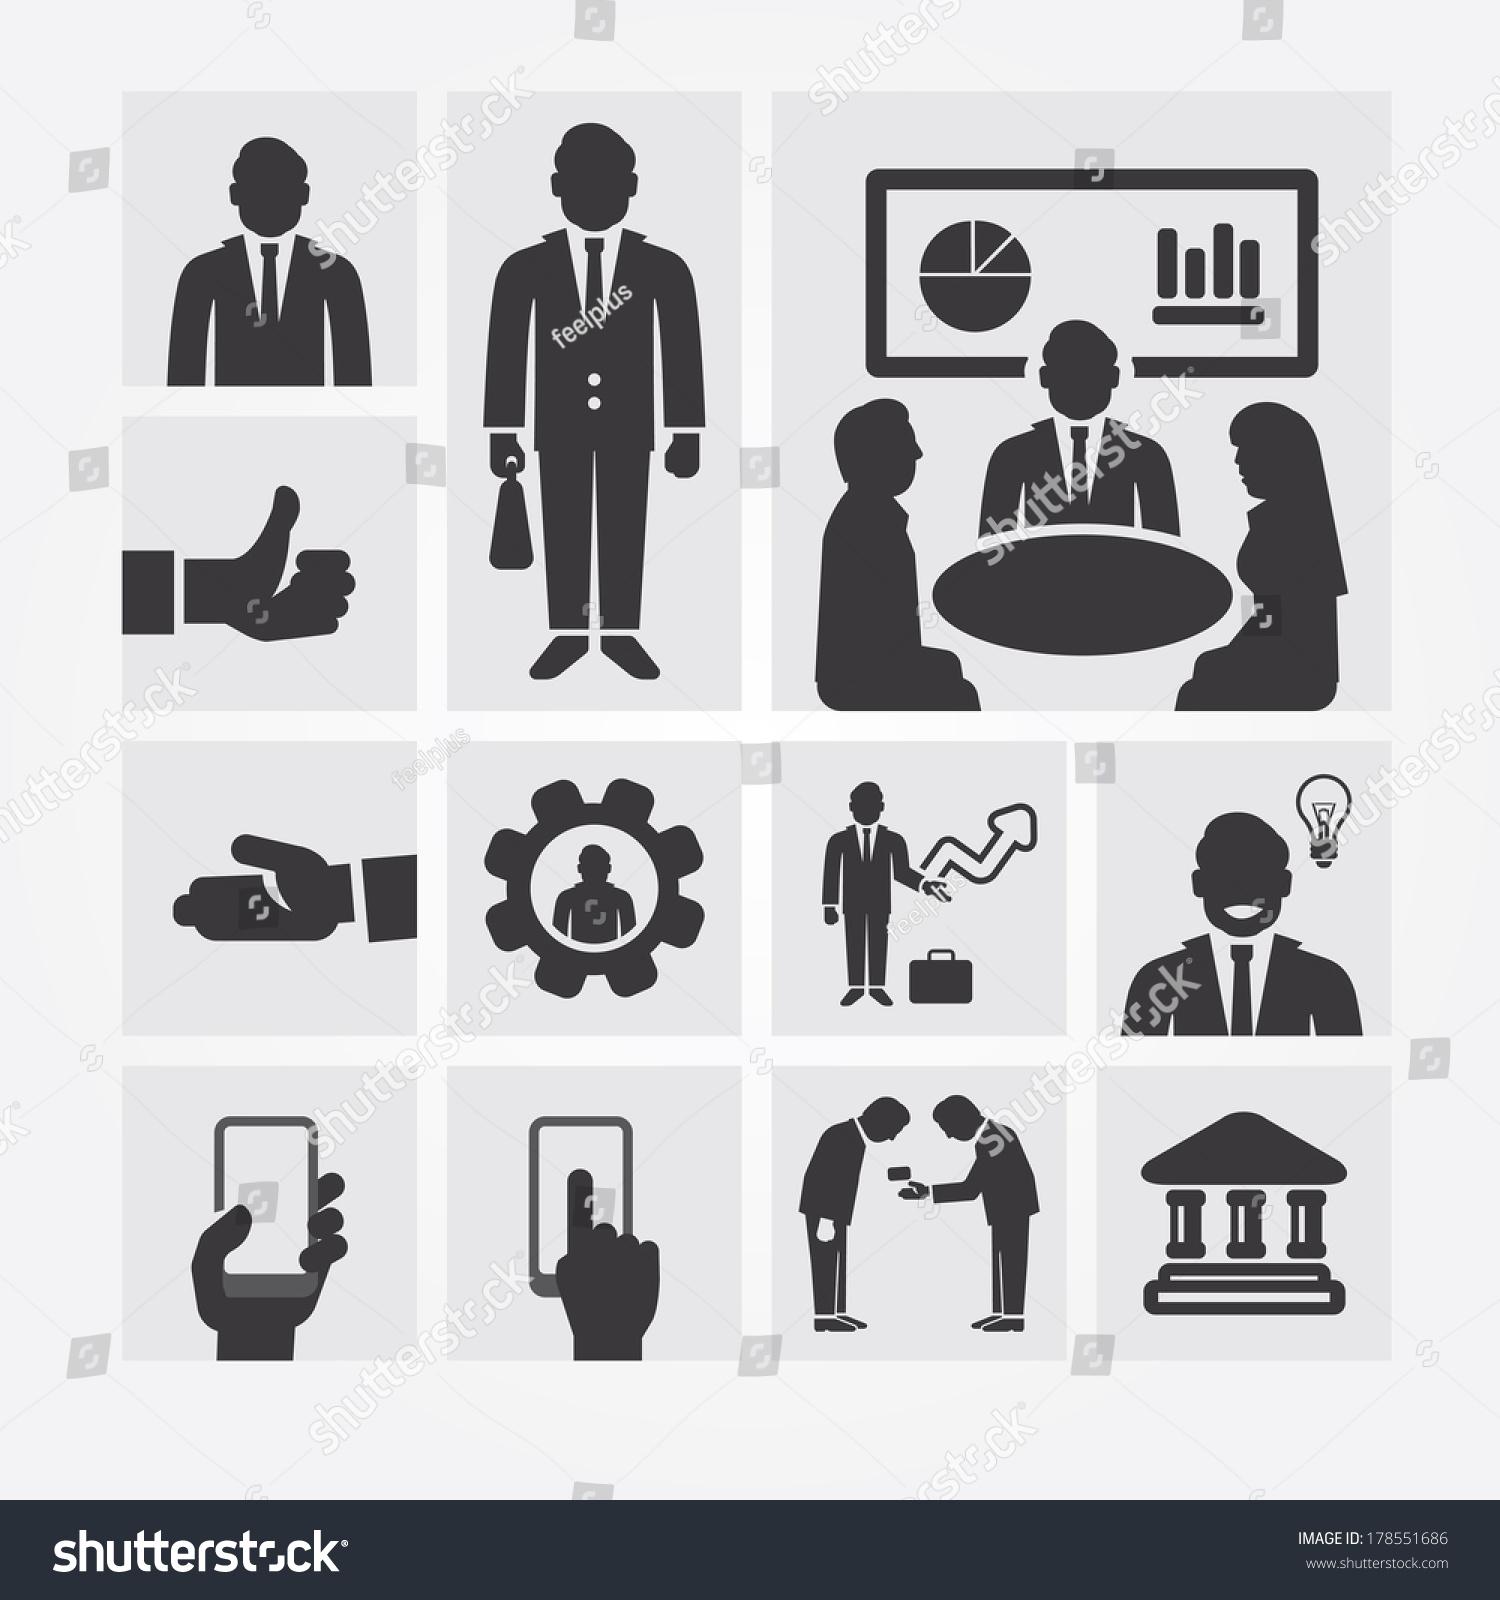 业务图标管理和人力资源.平面设计理念